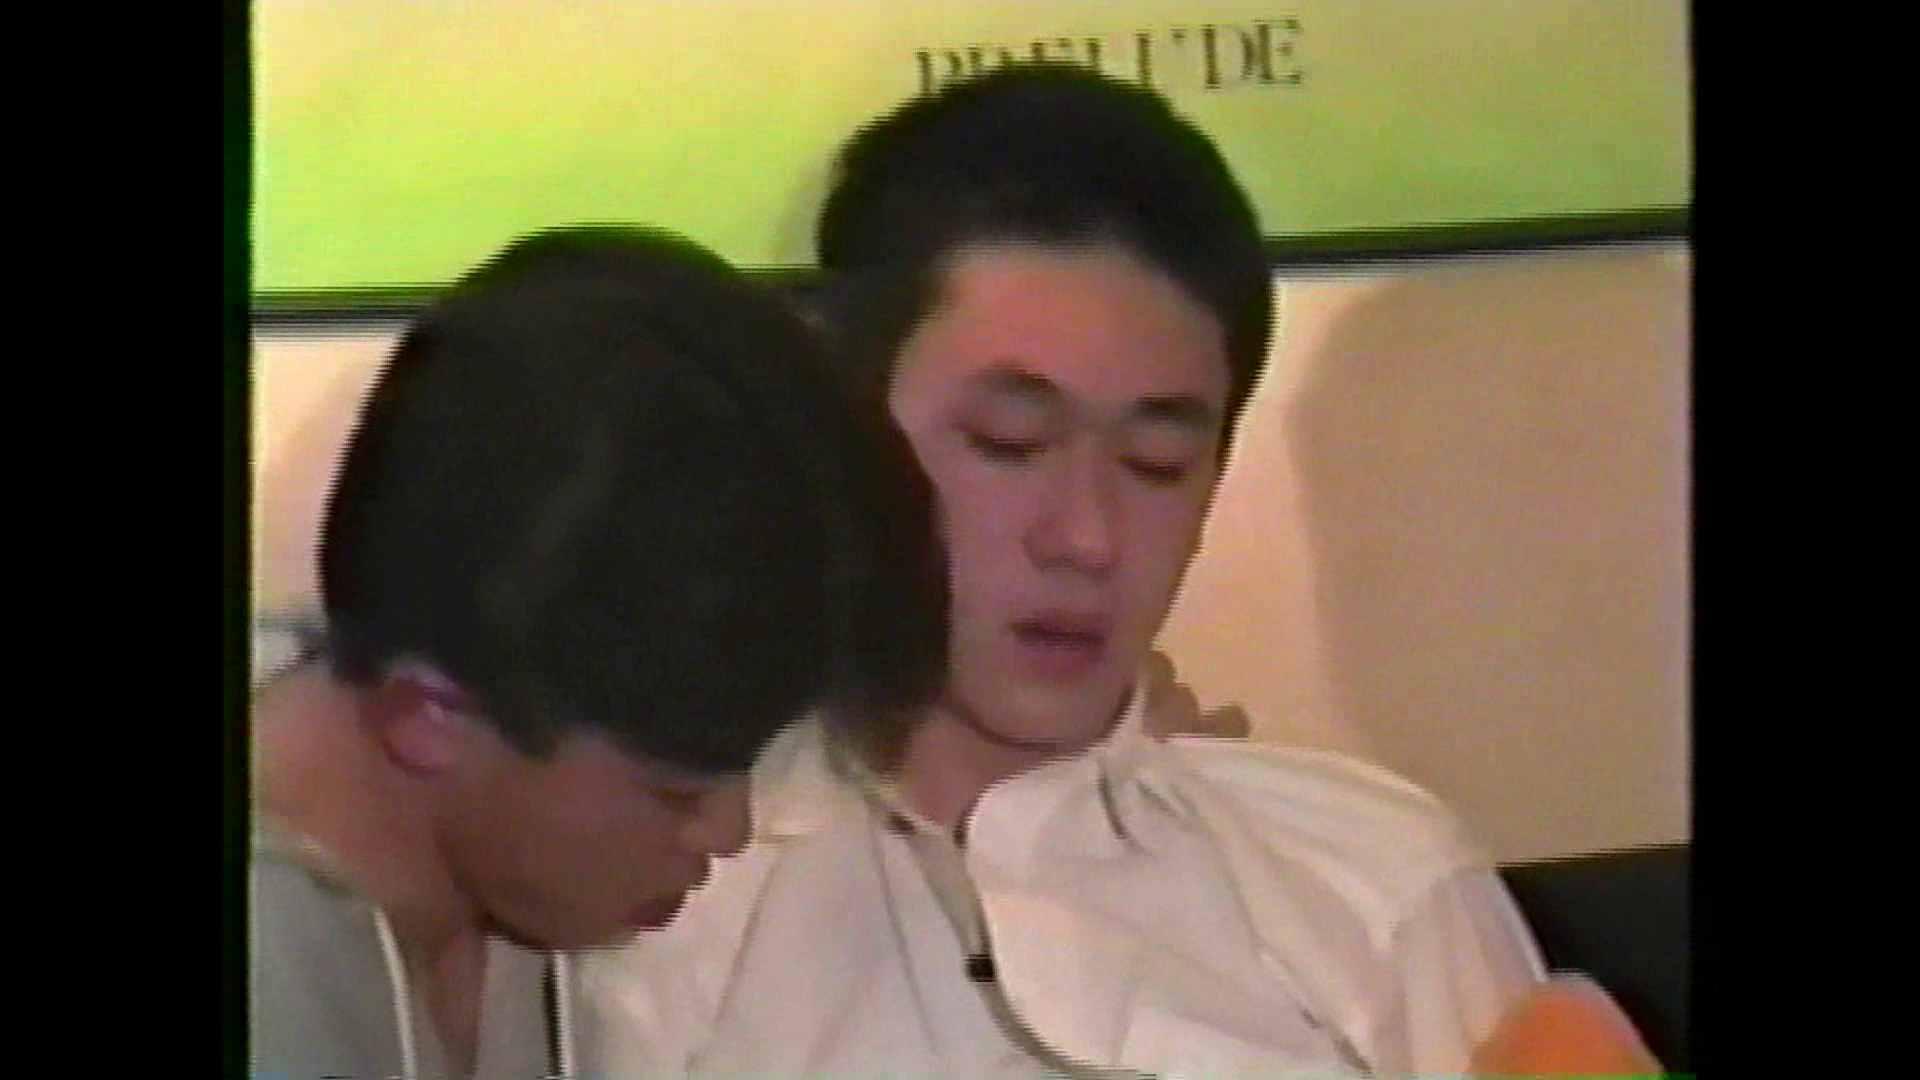 MADOKAさんのズリネタコレクションVol.2-1 フェラDE絶頂 | オナニー特集  80pic 31